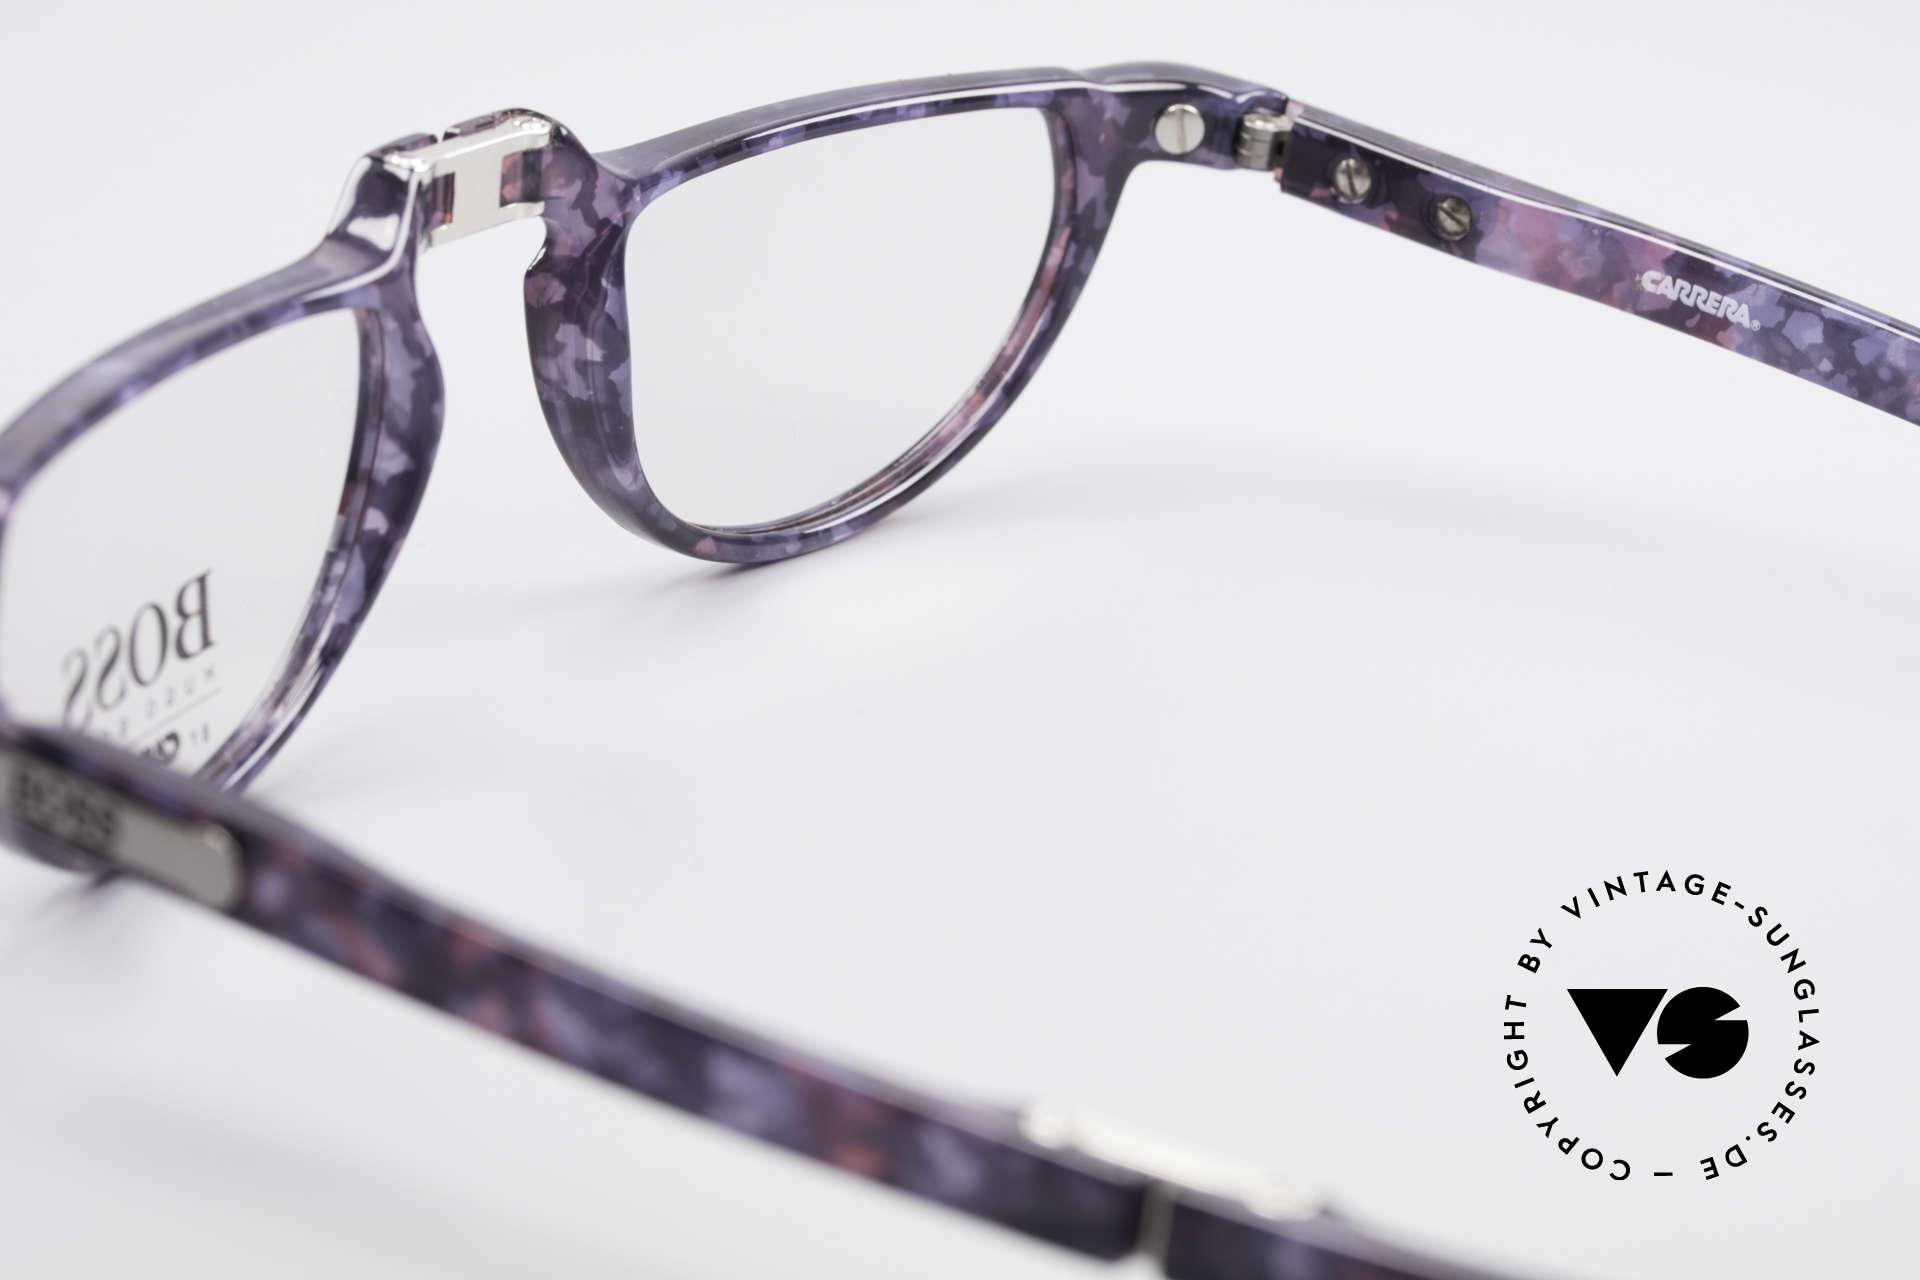 BOSS 5103 Folding Reading Eyeglasses, Size: medium, Made for Men and Women